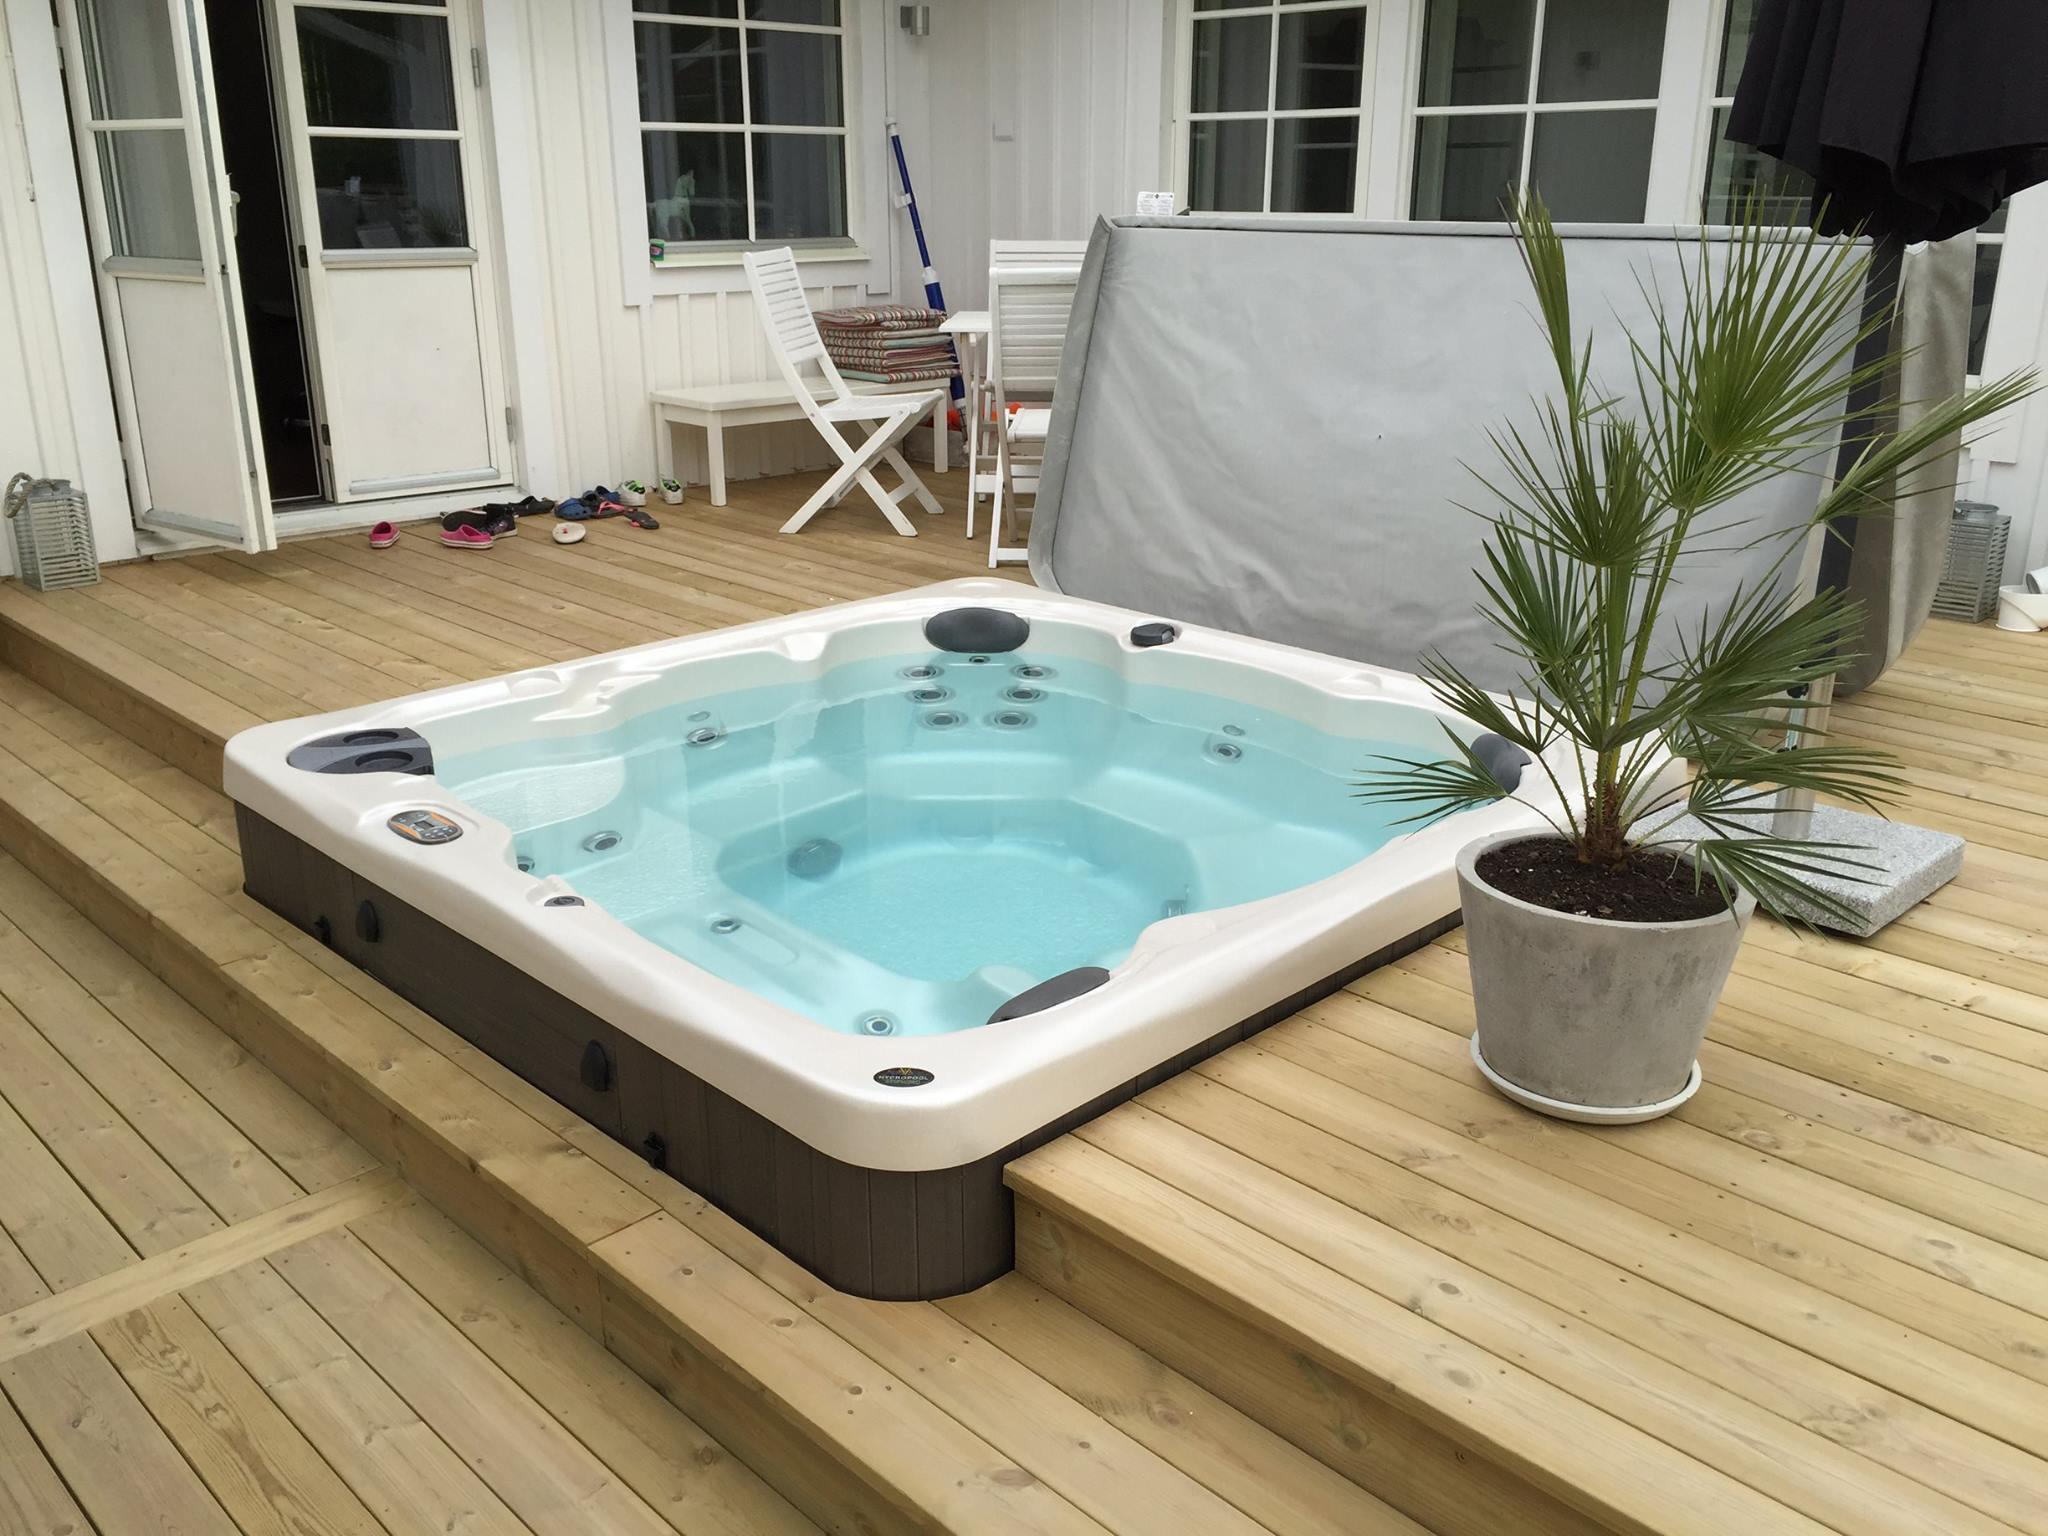 Hydropool Serenity 5000 Hot Tub